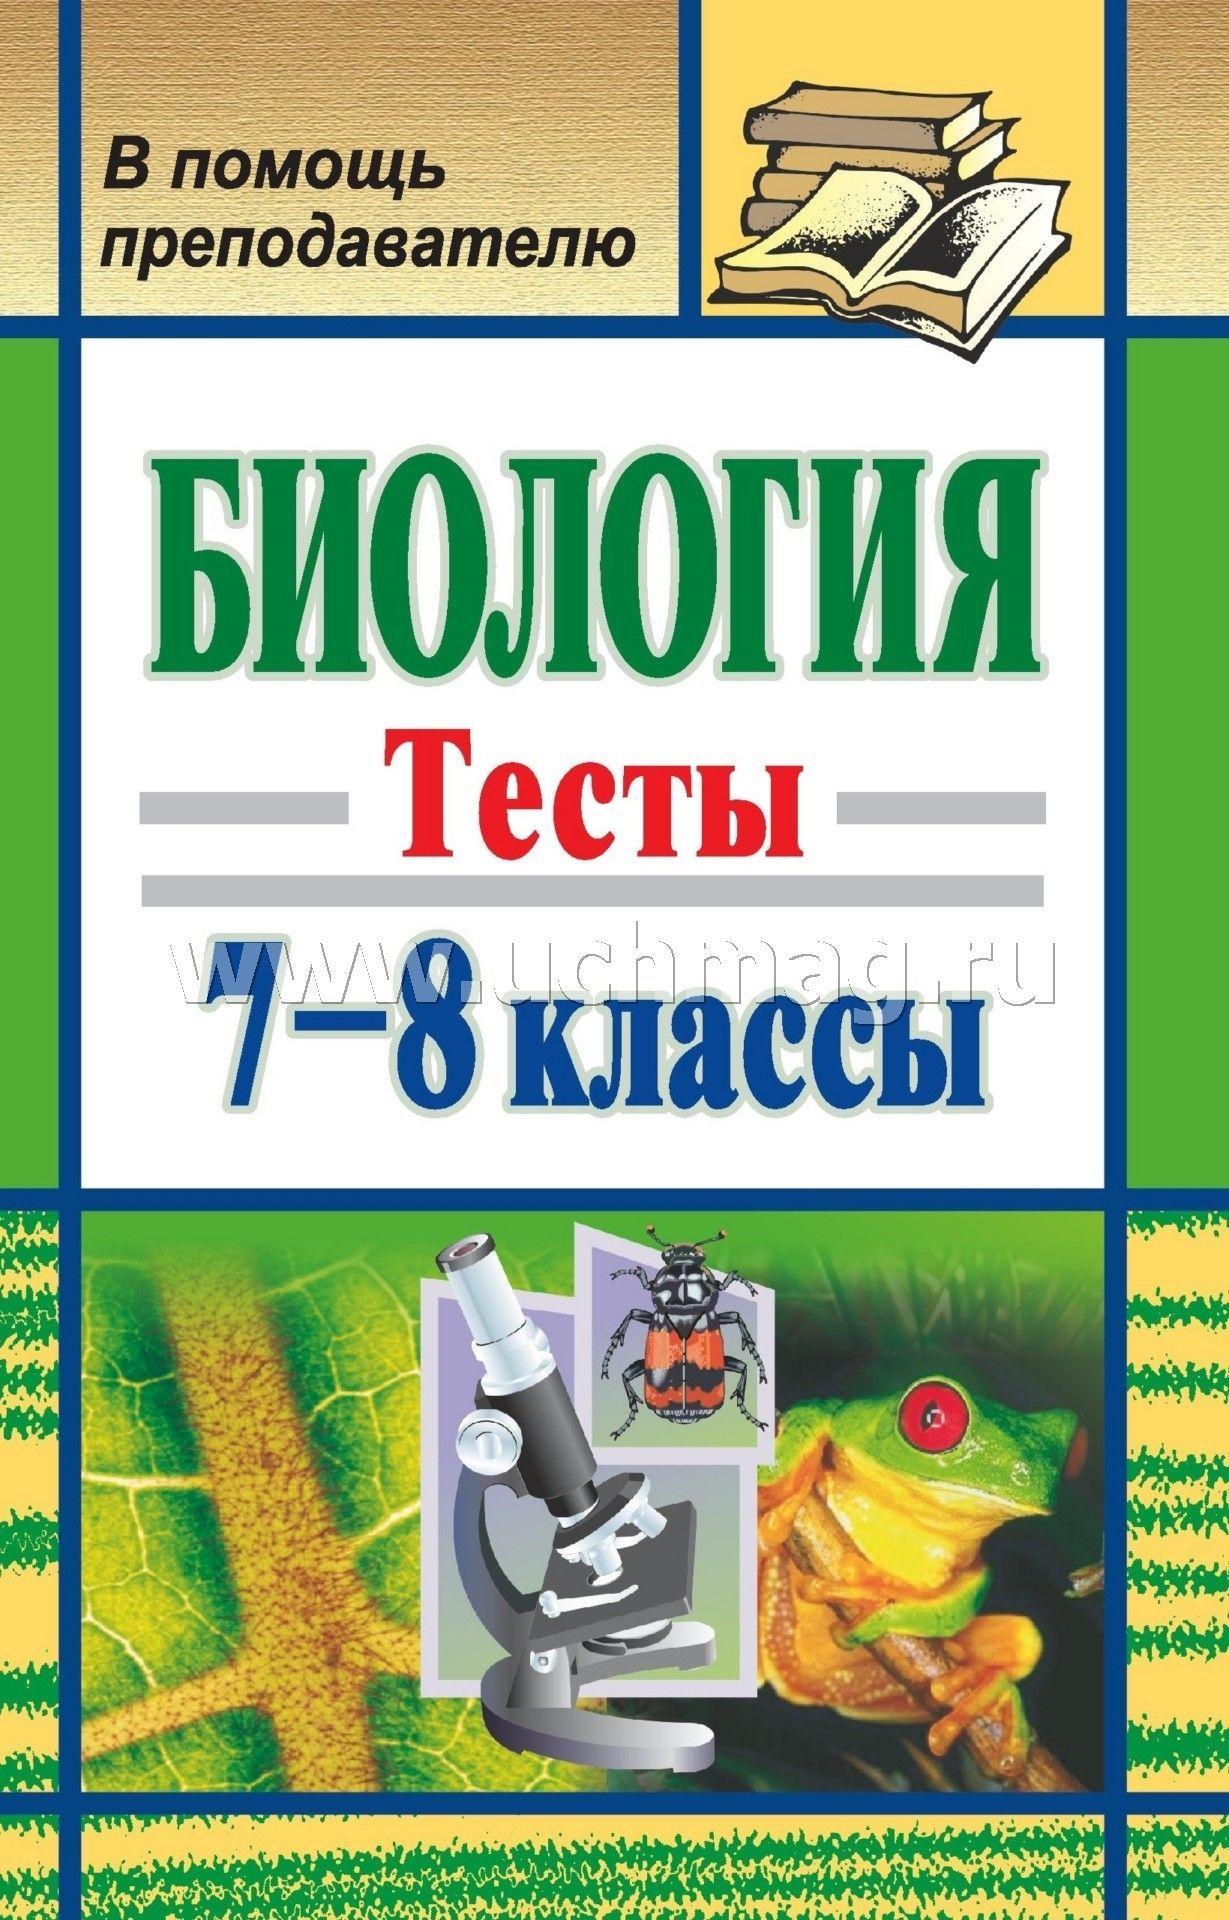 Спиши.ру 7 класс биология рабочая тетрадь списать